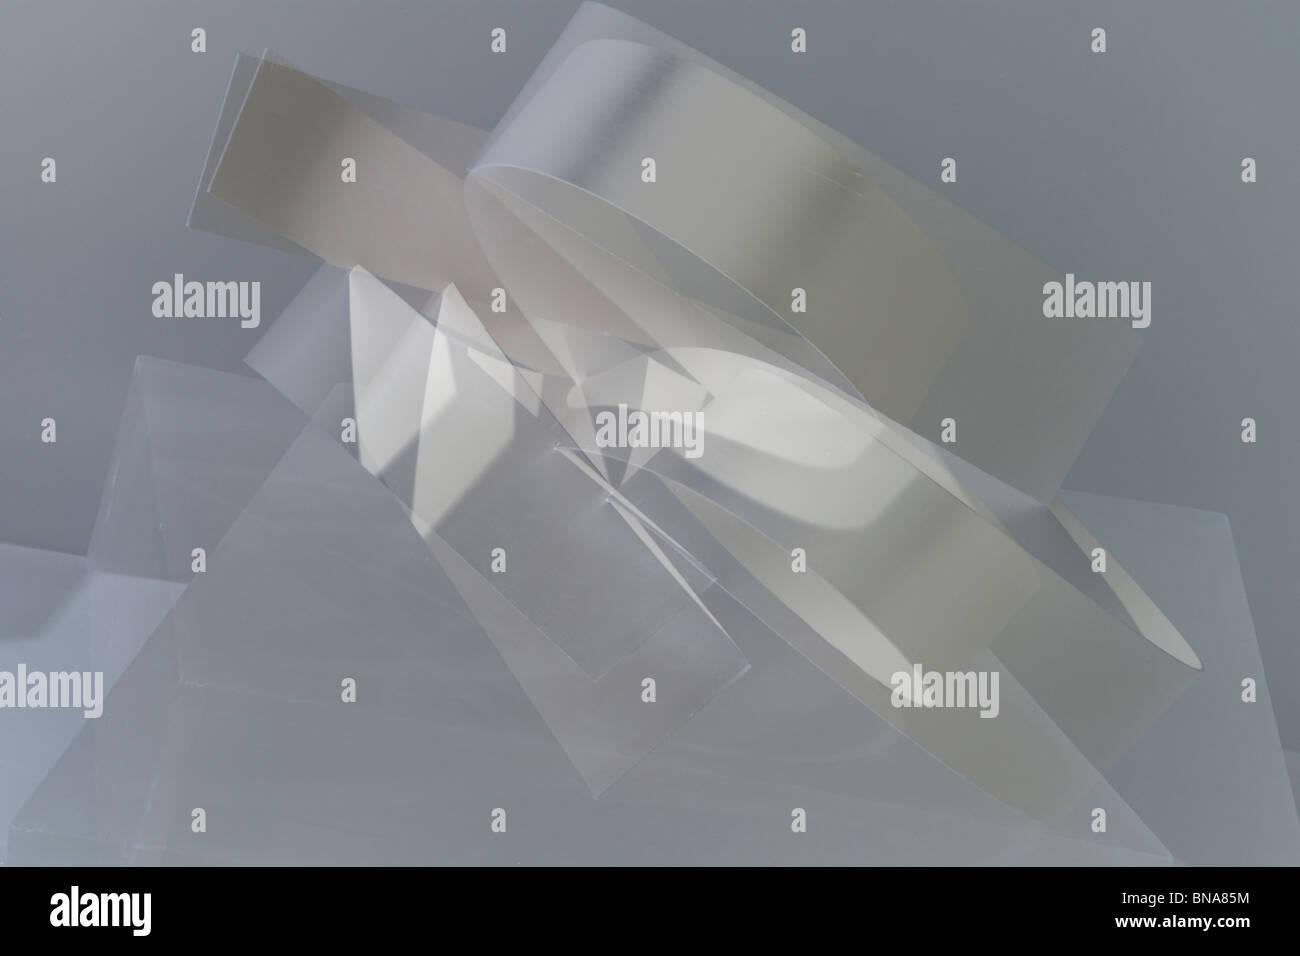 Résumé Le développement de la courbe en noir et blanc Photo Stock